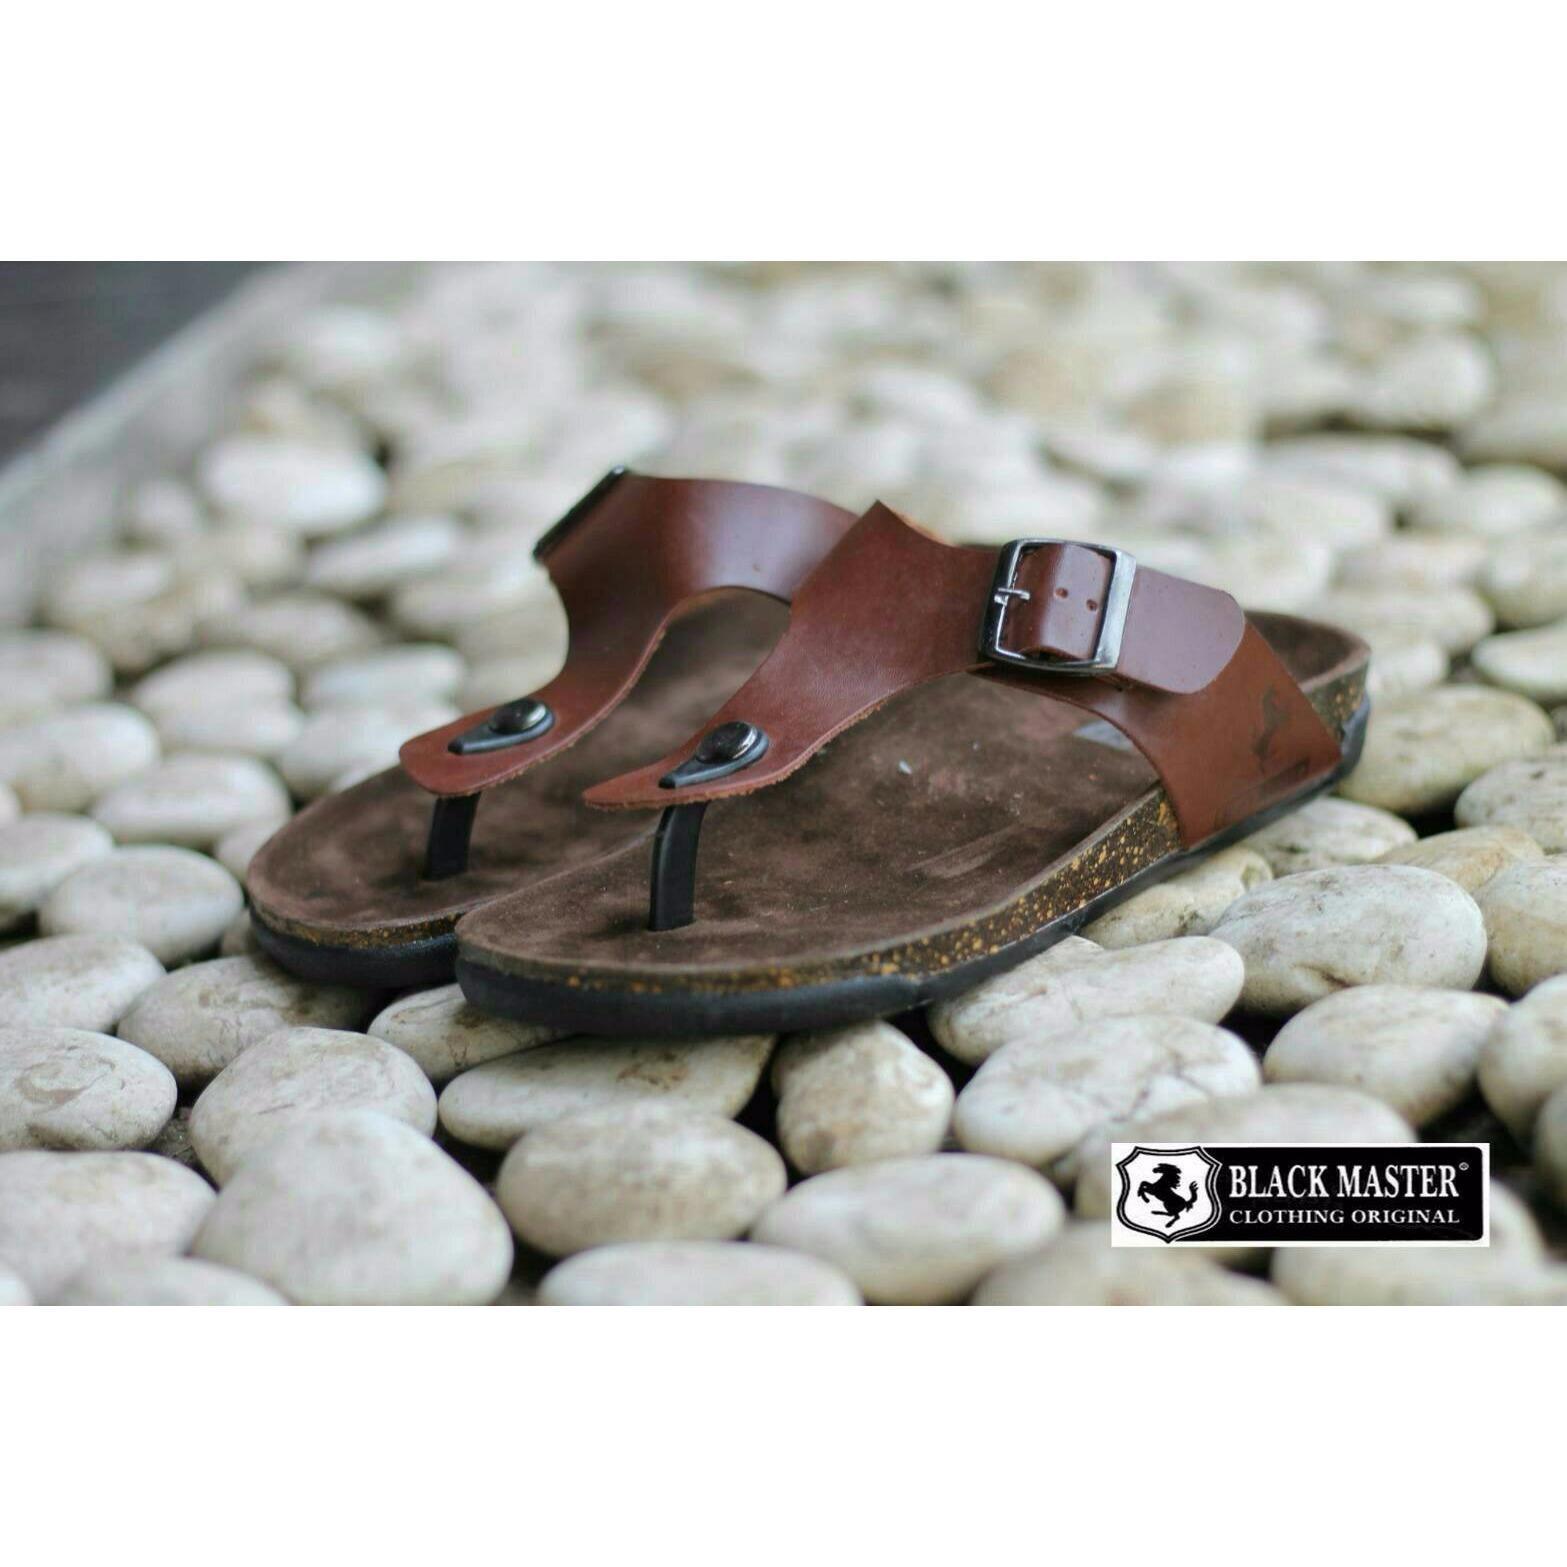 Jual Beli Sandal Pria Kulit Sandal Flip Flop Pria Sandal Original Jawa Barat